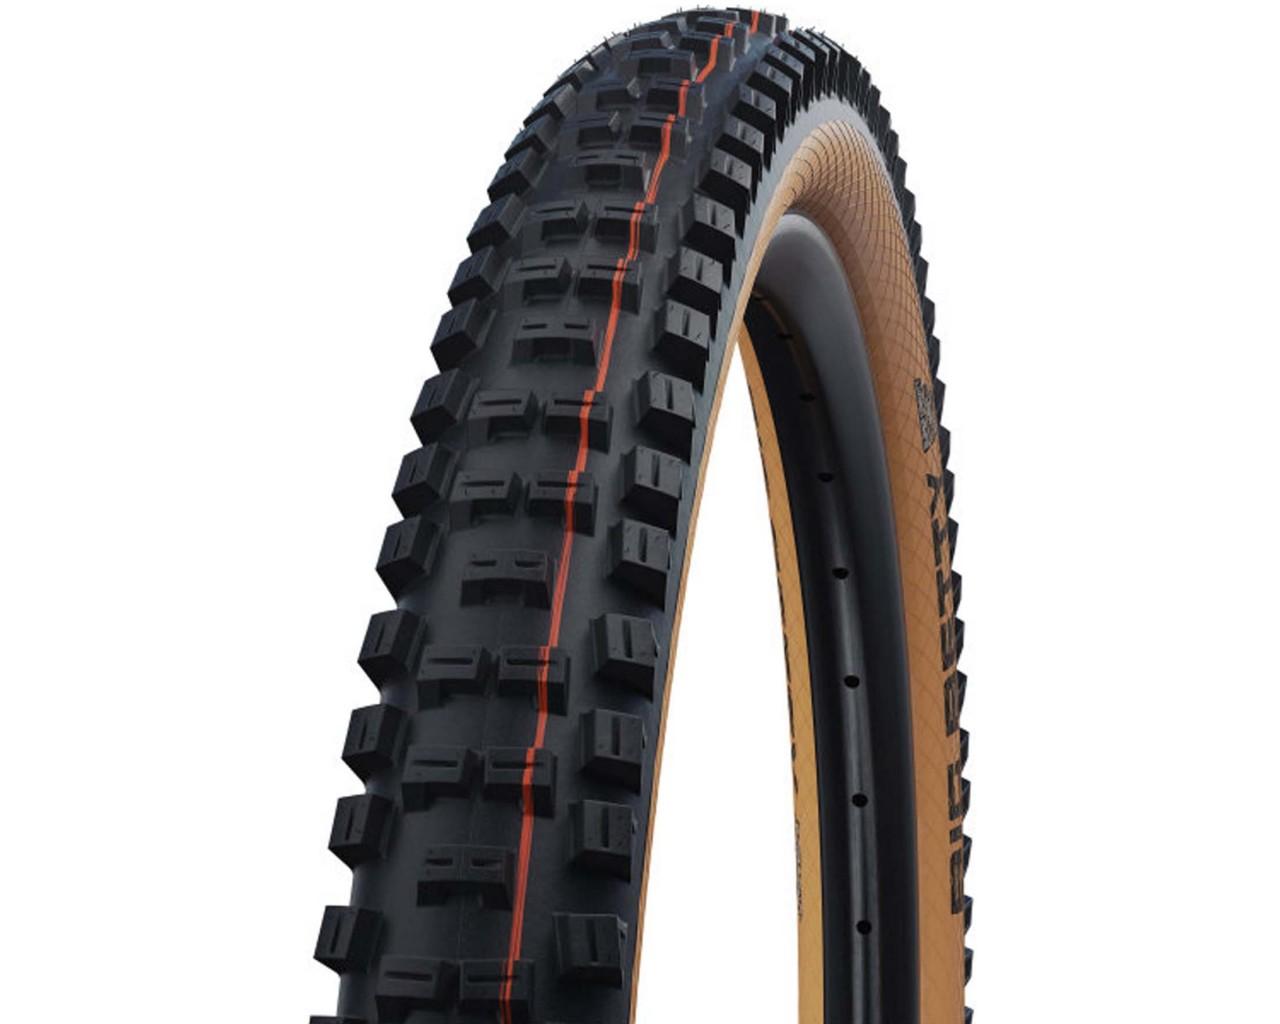 Schwalbe Big Betty MTB-Reifen 29x2.4 Zoll   black-classic ADDIX Soft Evolution Line faltbar